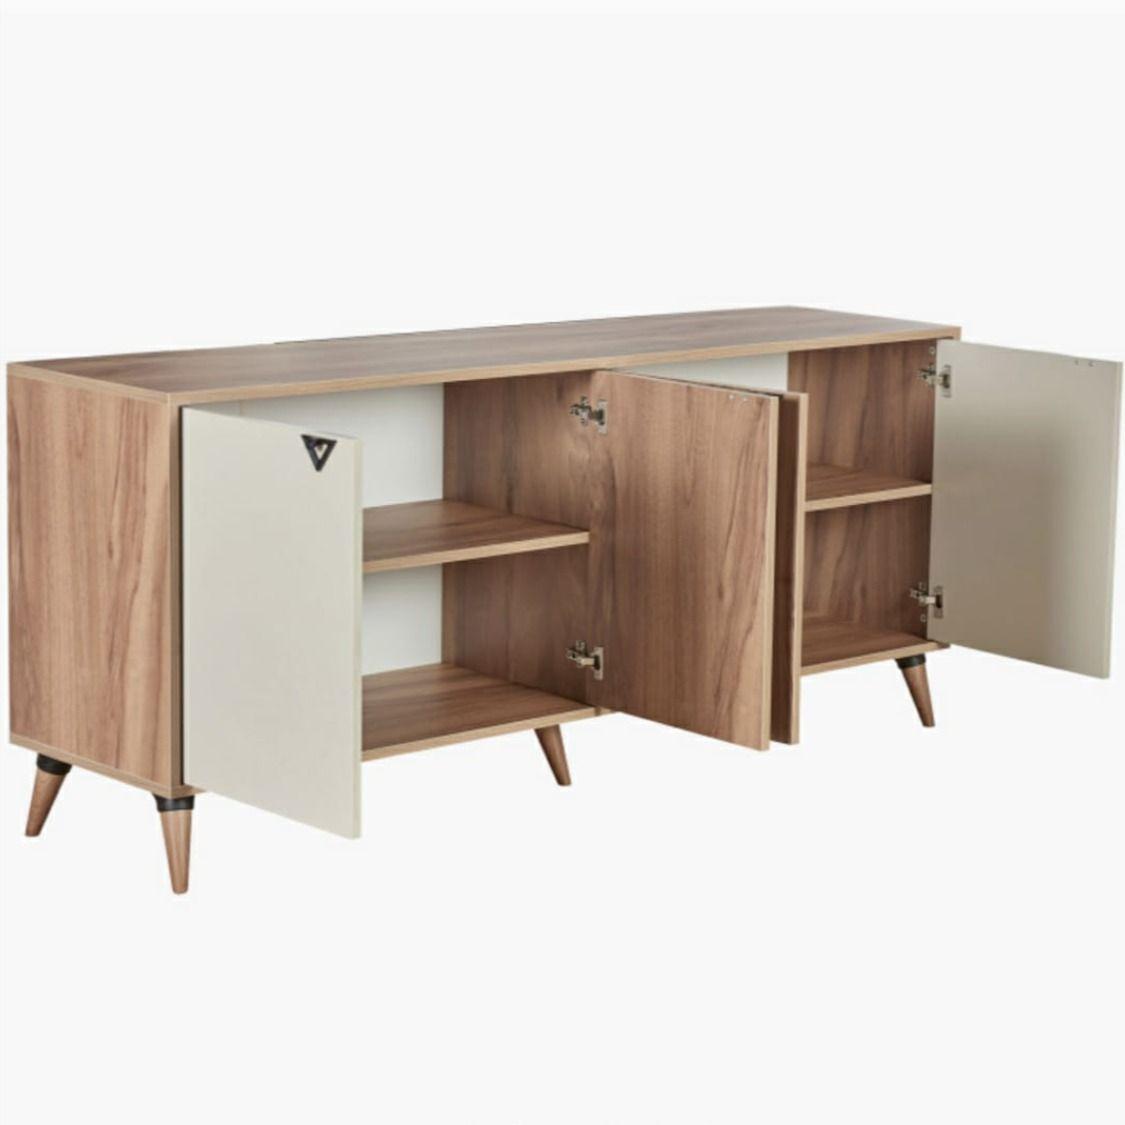 وحدة تخزين بدروج Furniture Home Storage